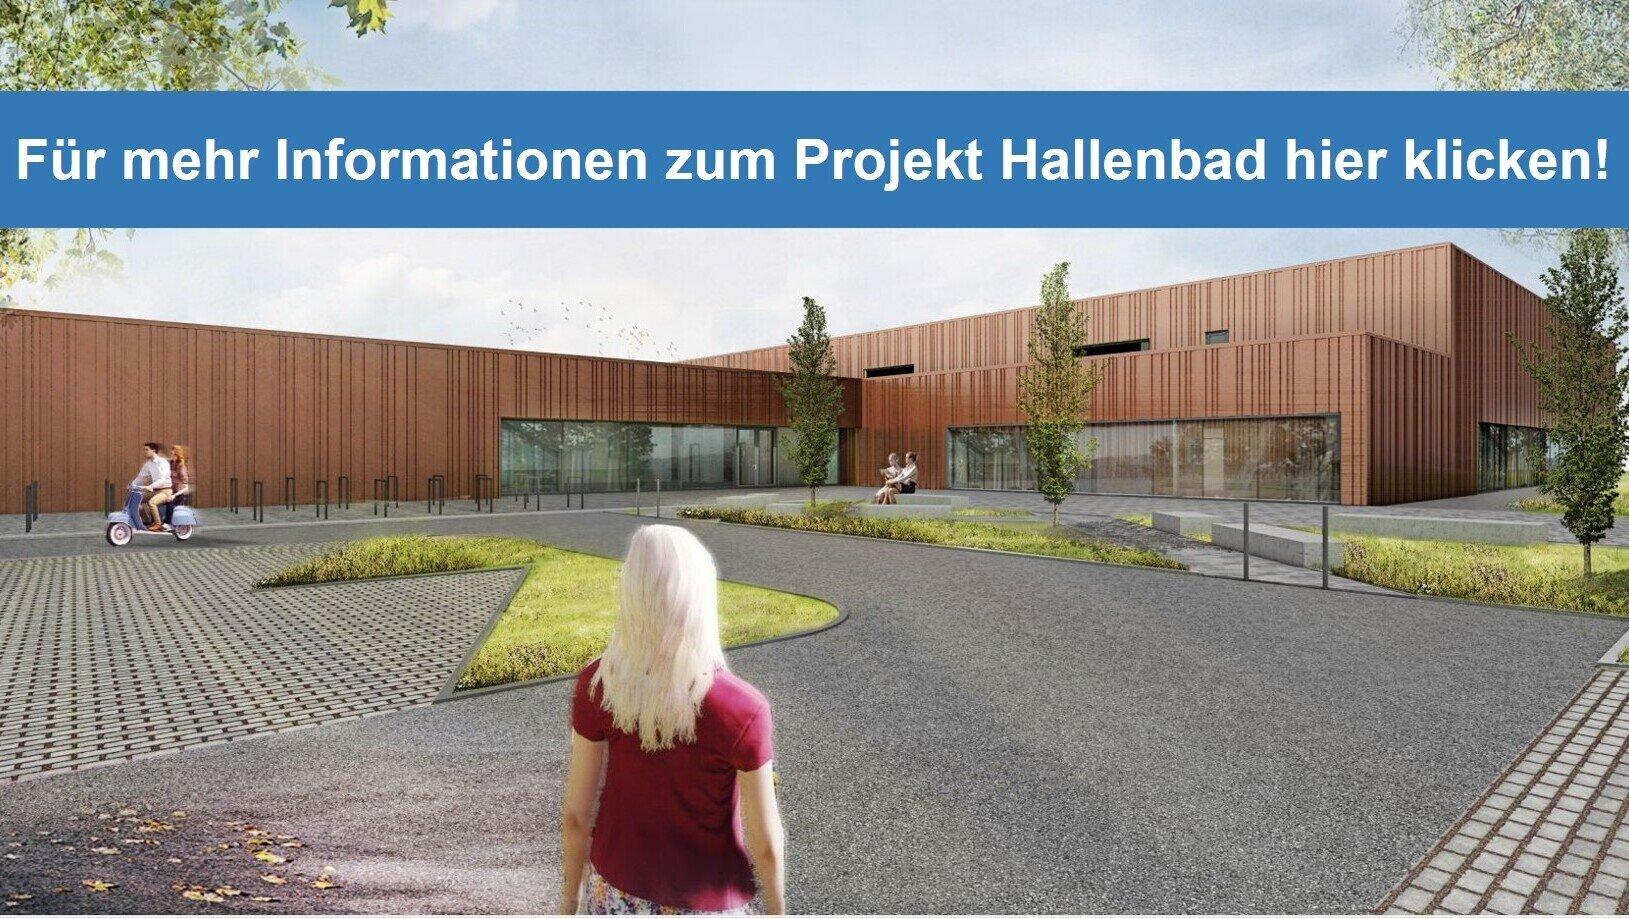 Das Bild zeigt den Entwurf der Firma Bauconzept Planungsgesellschaft mbH zum geplanten Hallenbad.